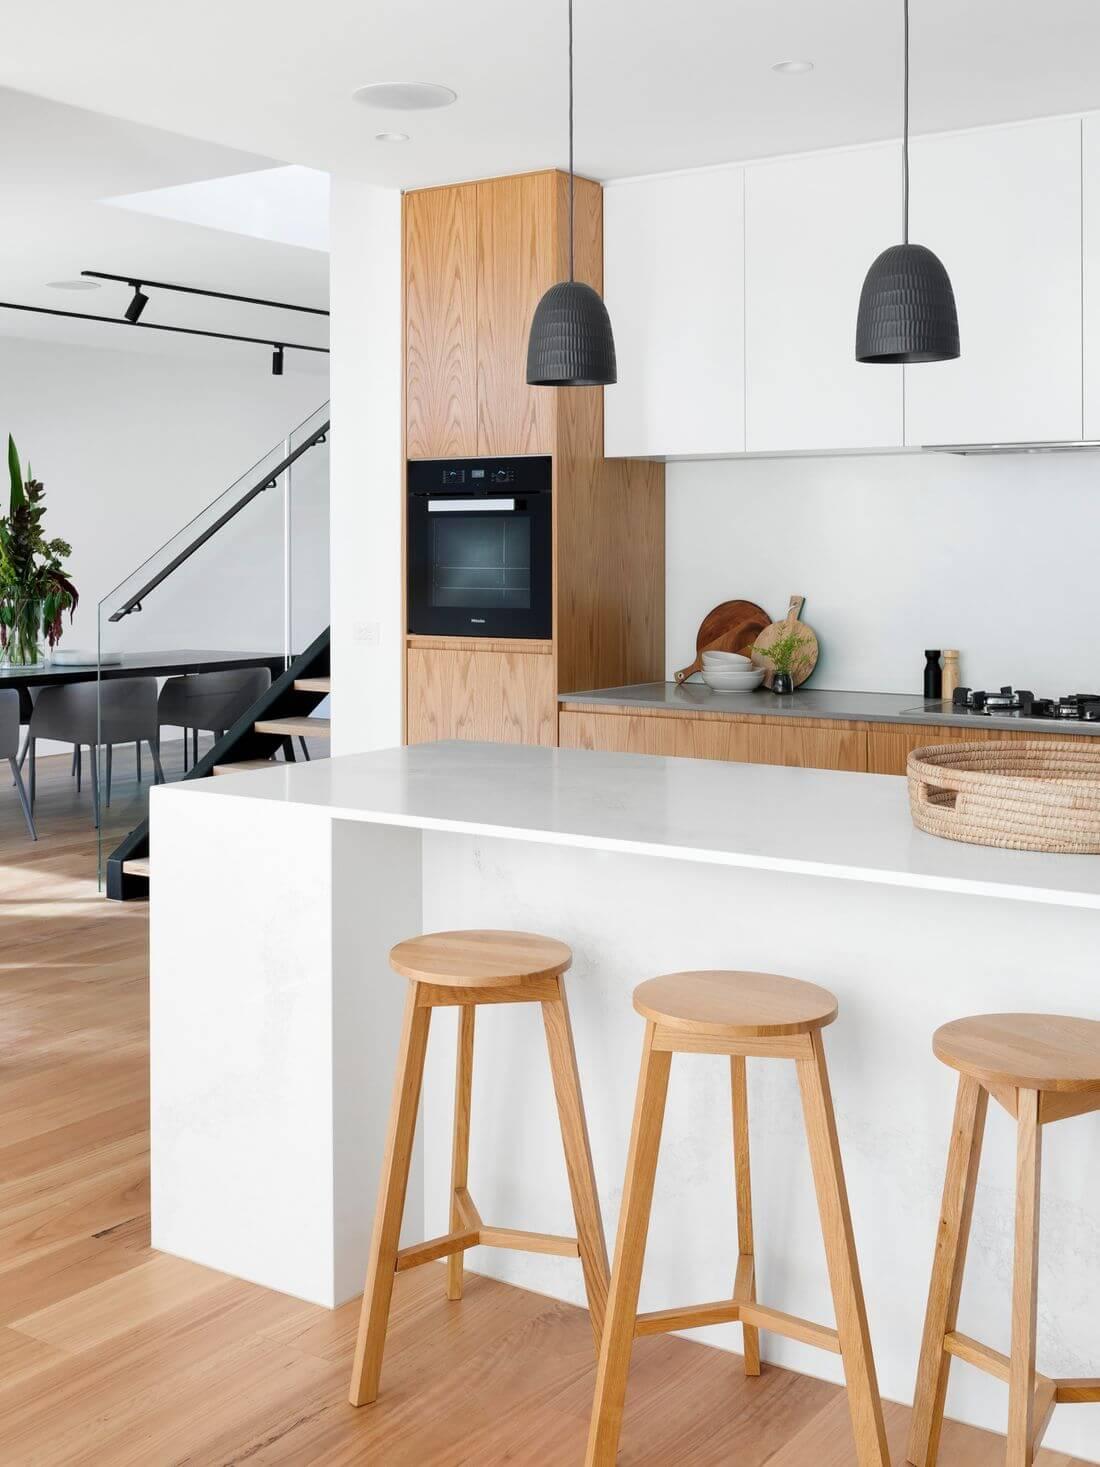 Kuchnia Loftowa w stylowym białym jasnym designie z drewnianymi hookerami barowymi i stylowymi czarnymi wiszącymi lampami